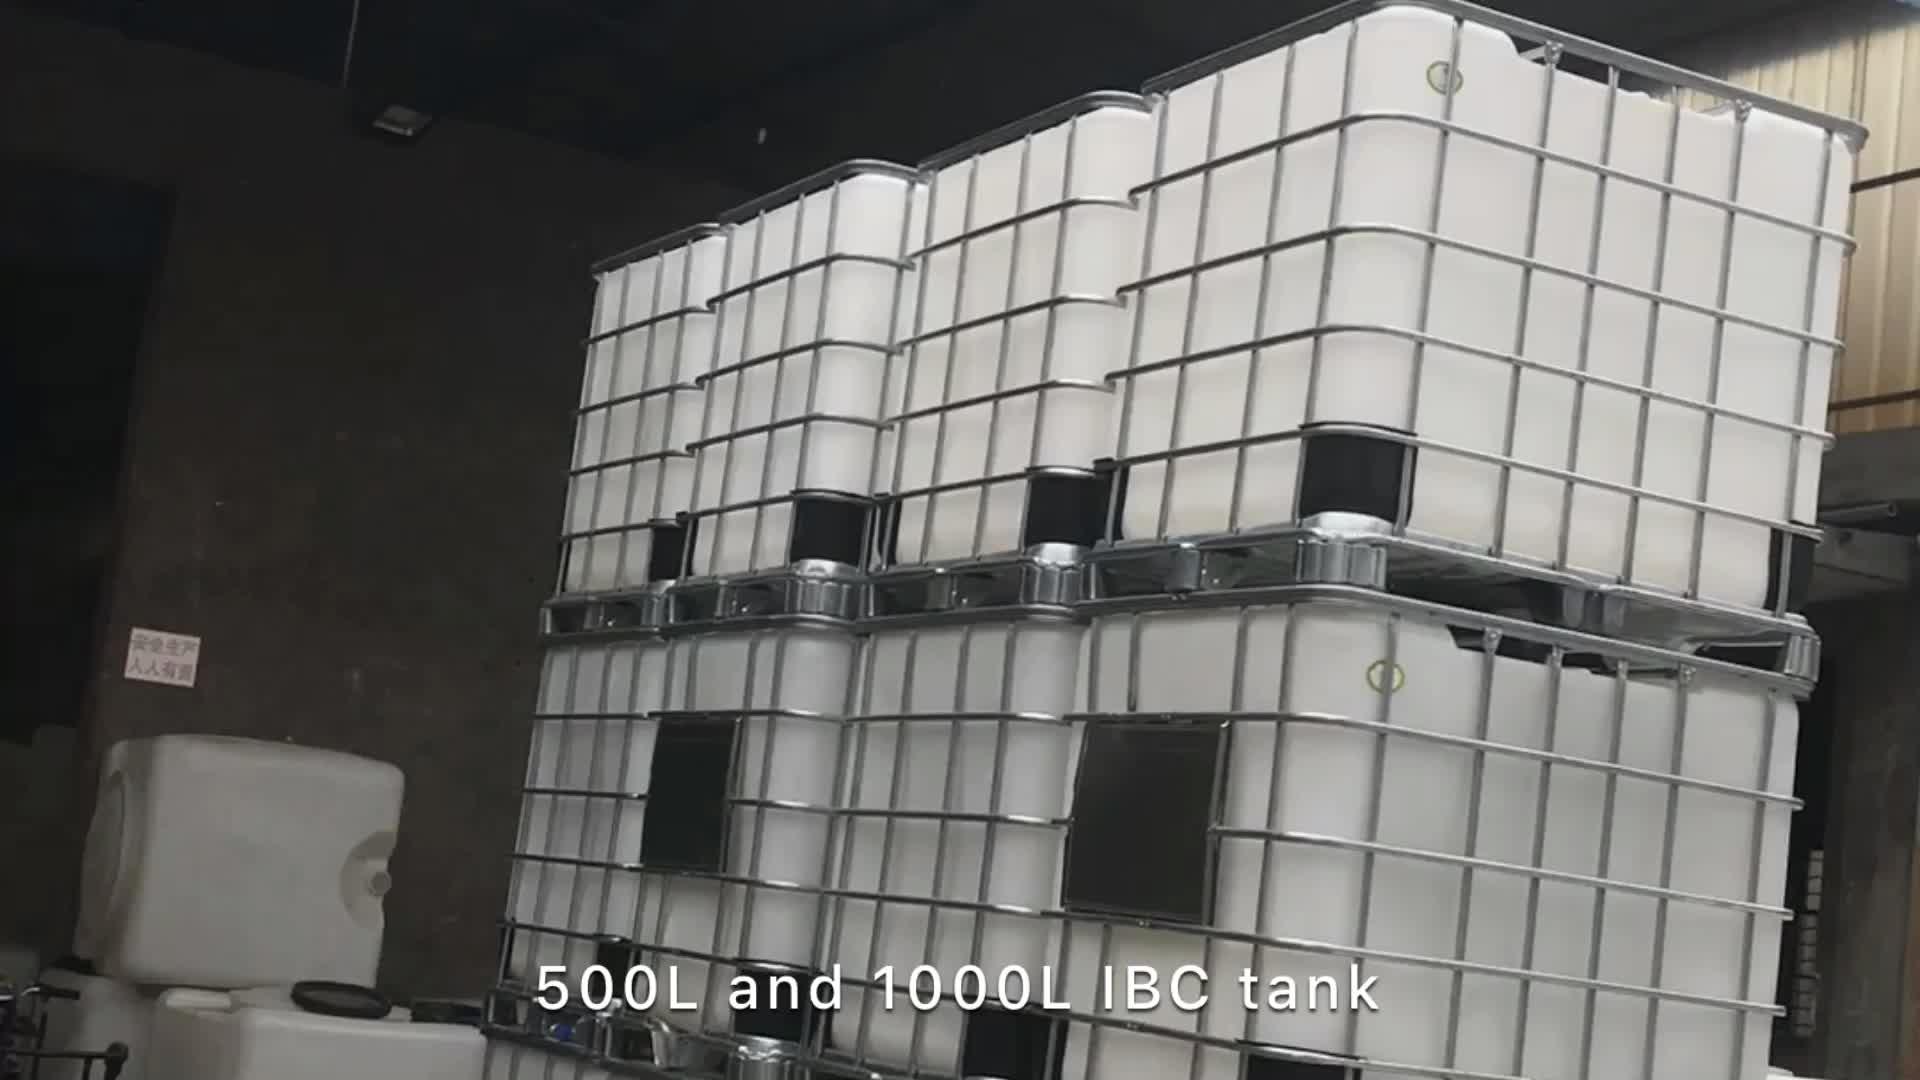 IBC कंटेनर टैंक 1000 लीटर IBC टैंक